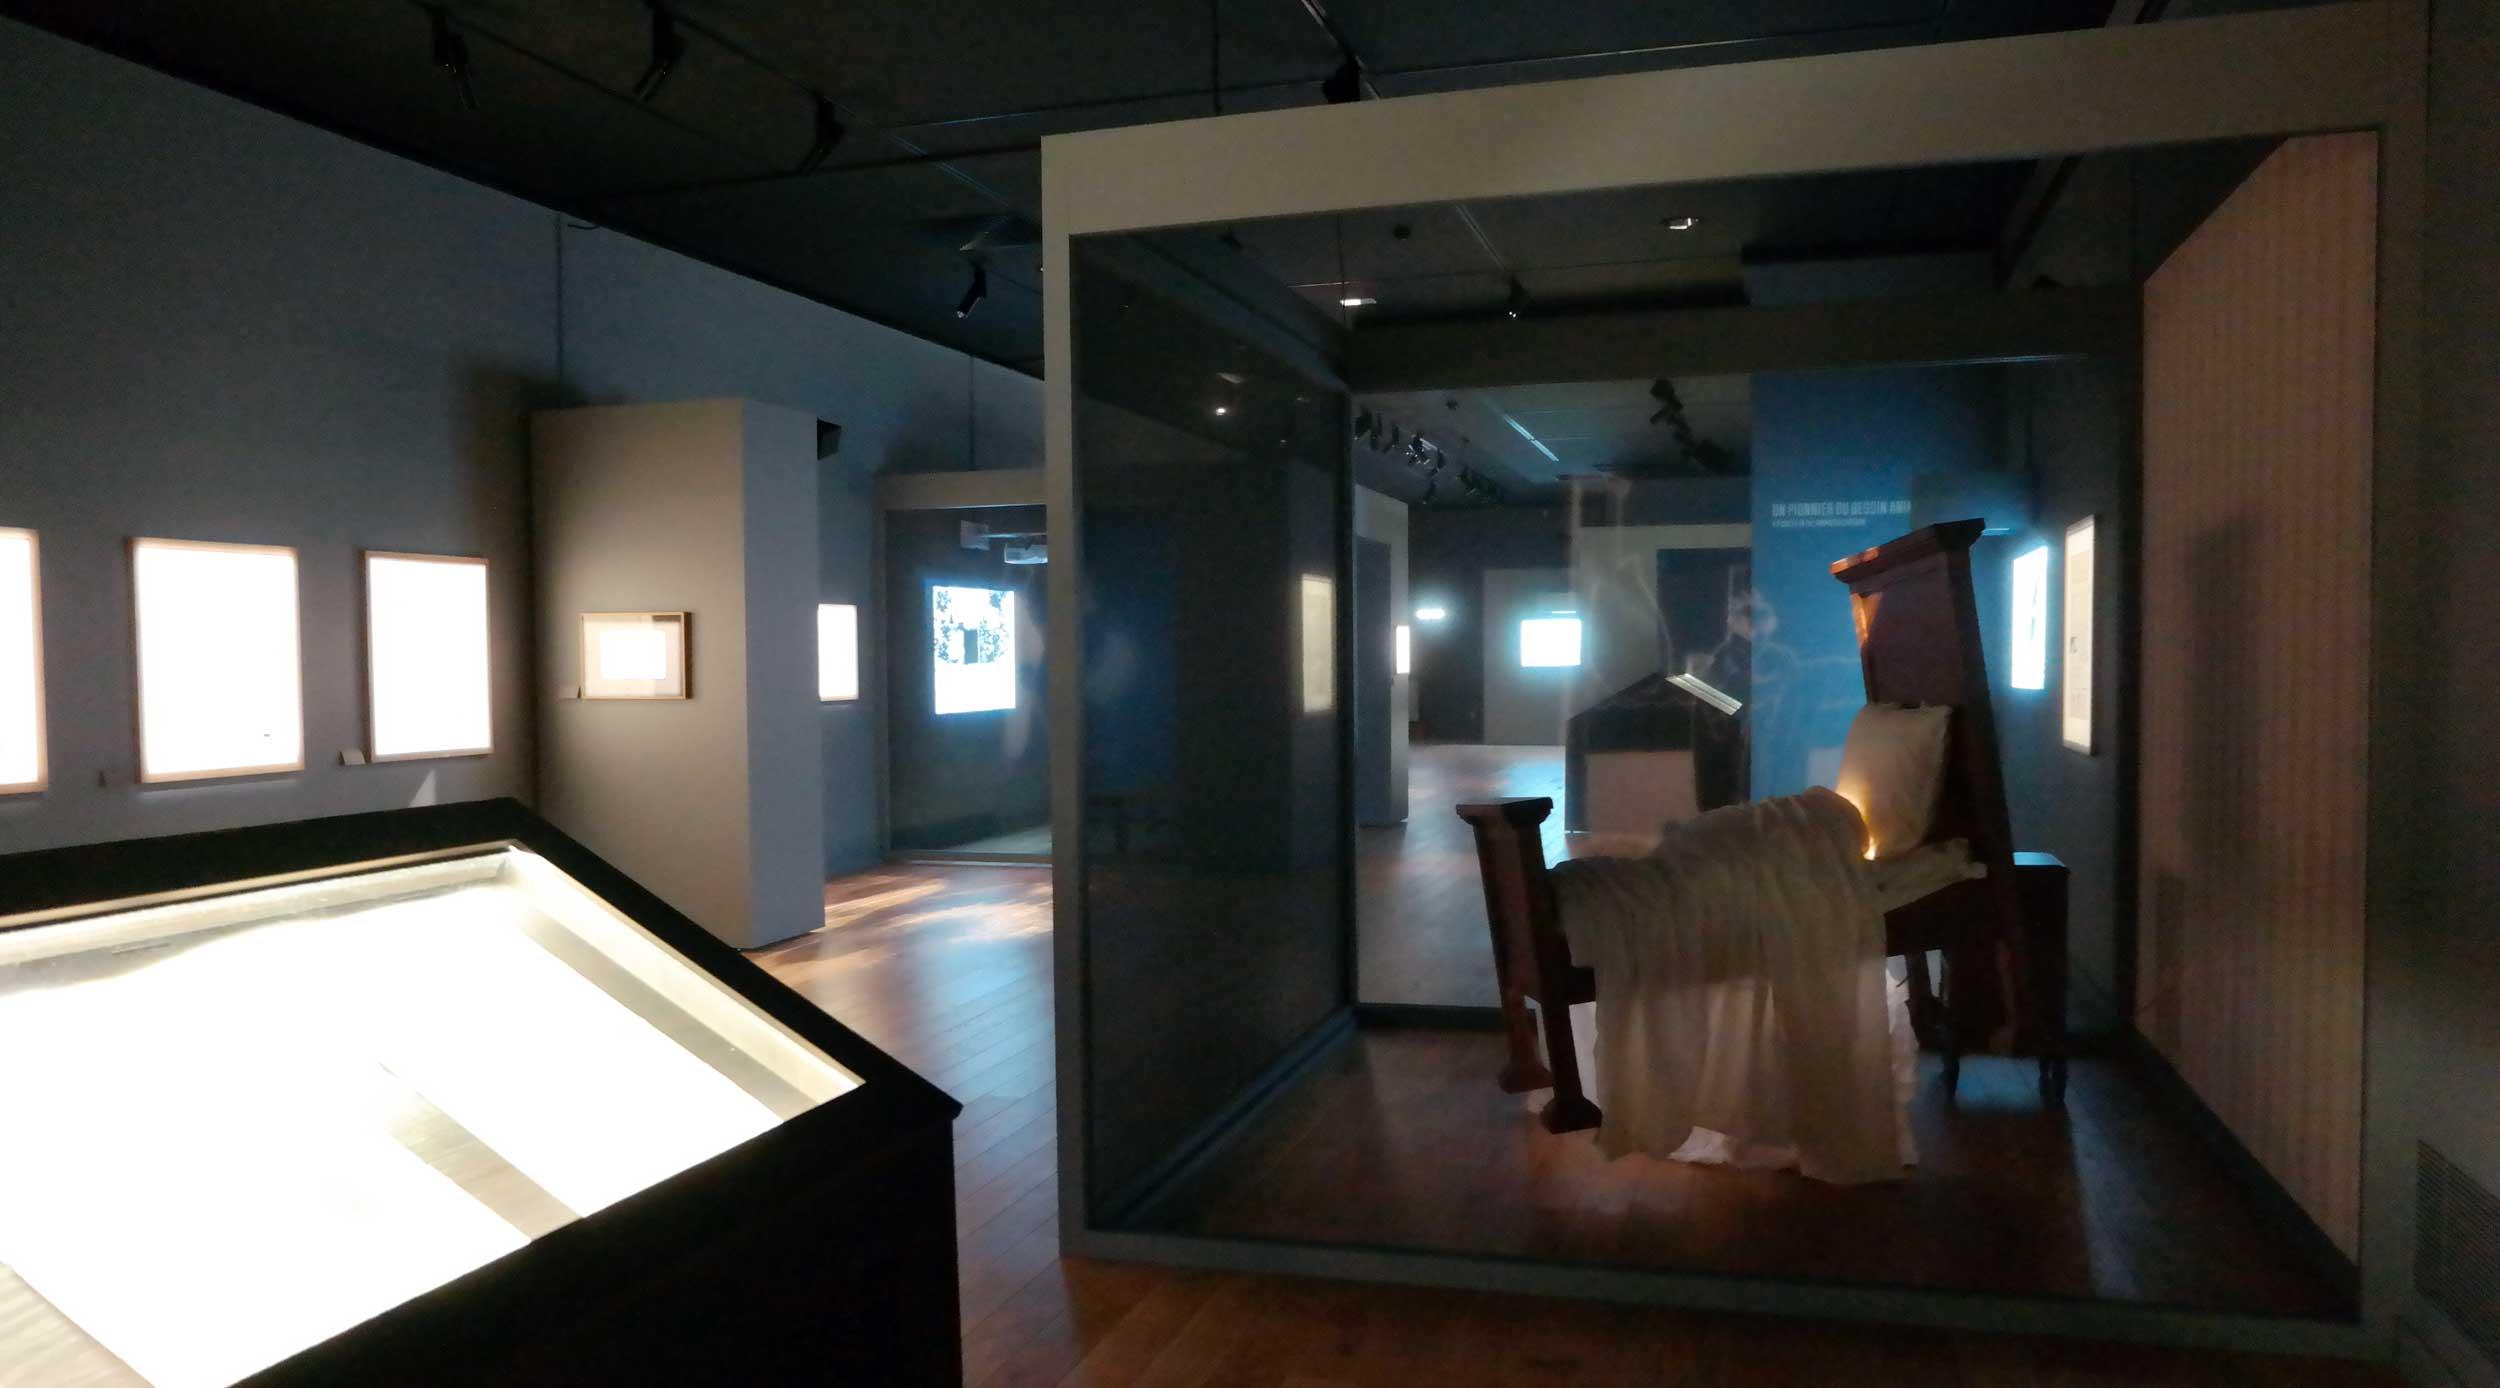 Le lit de Nemo, flotte au centre de l'exposition.